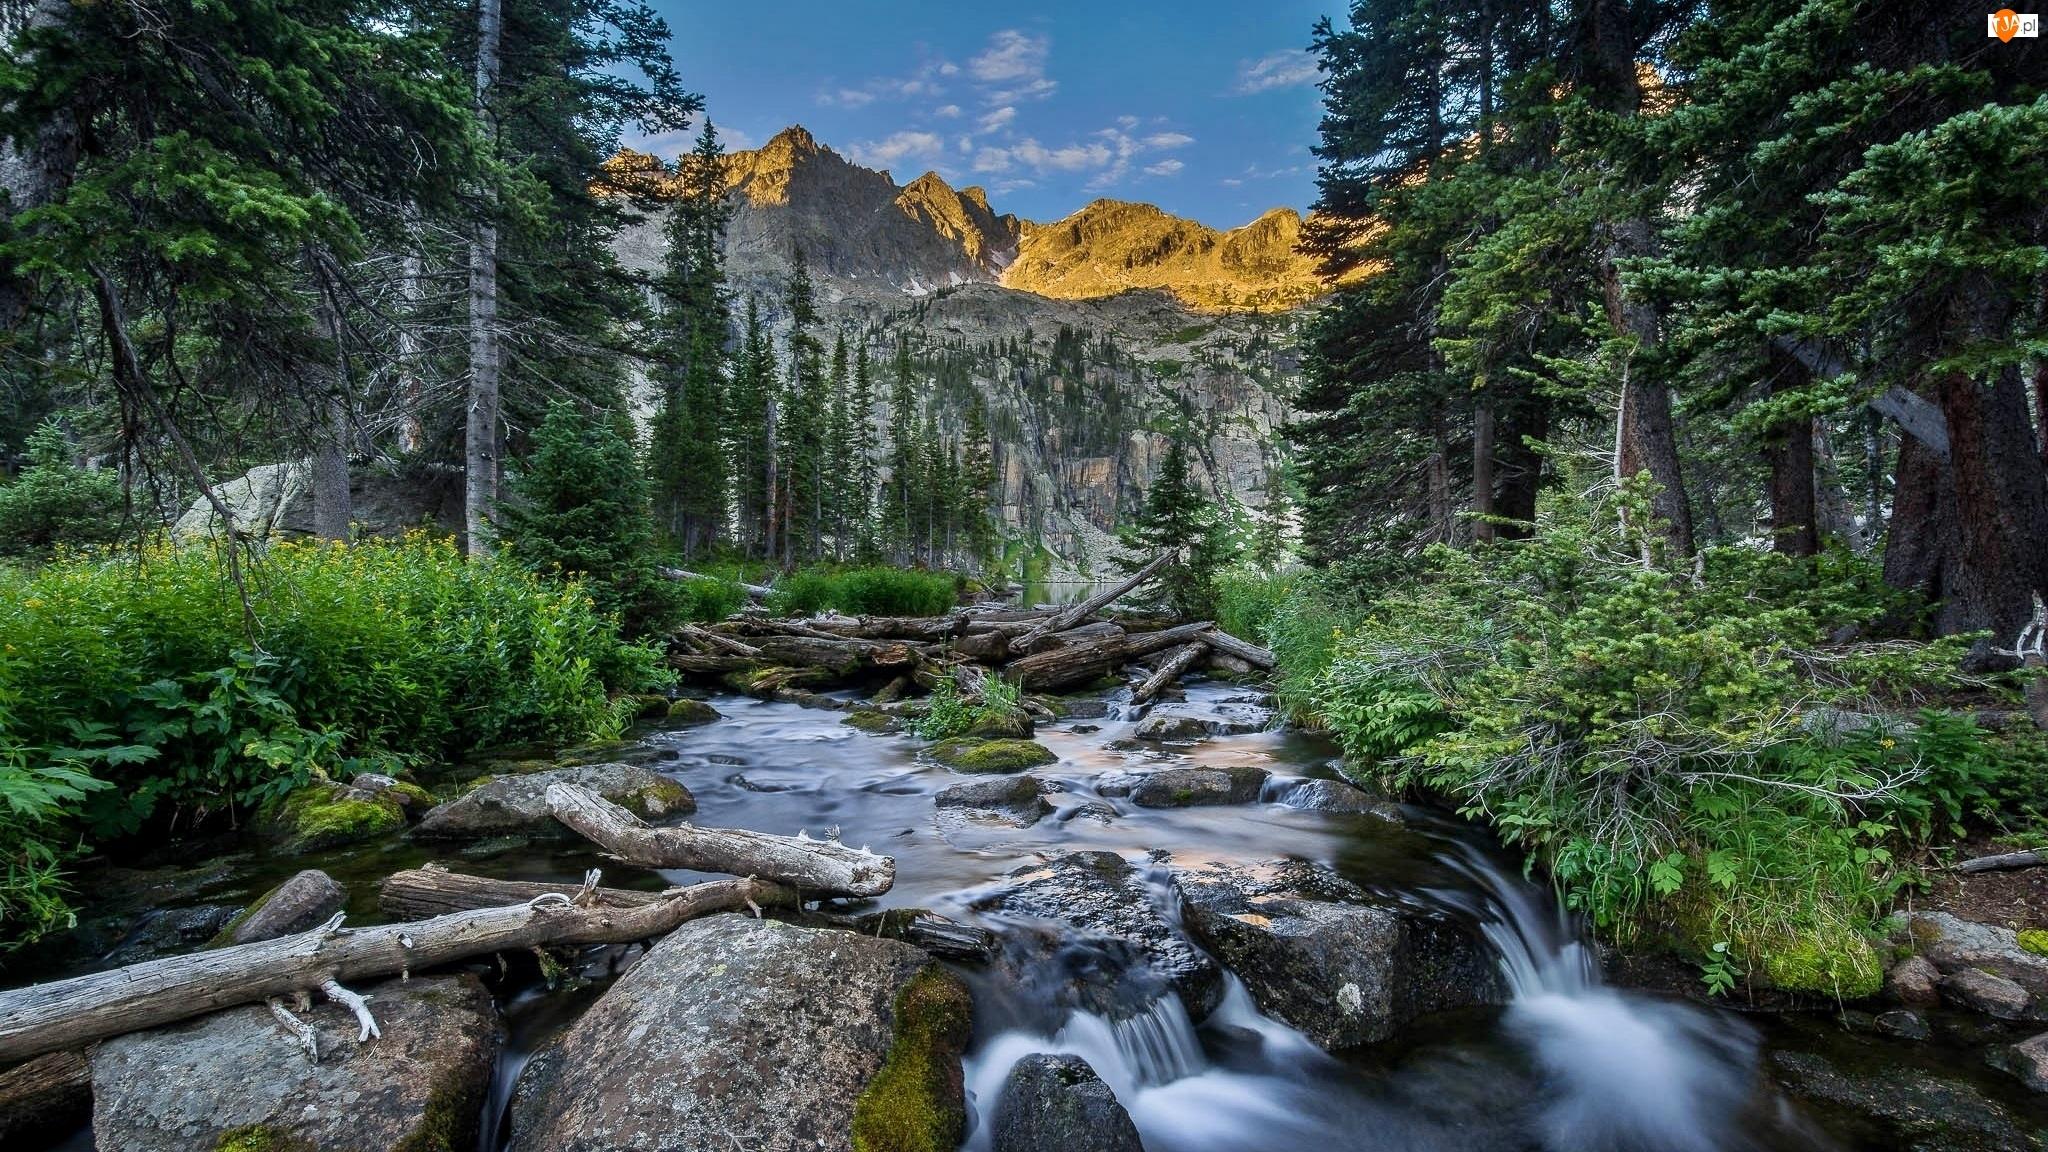 Góry, Drzewa, Stan Kolorado, Rzeczka, Stany Zjednoczone, Kamienie, Indian Peaks Wilderness, Las